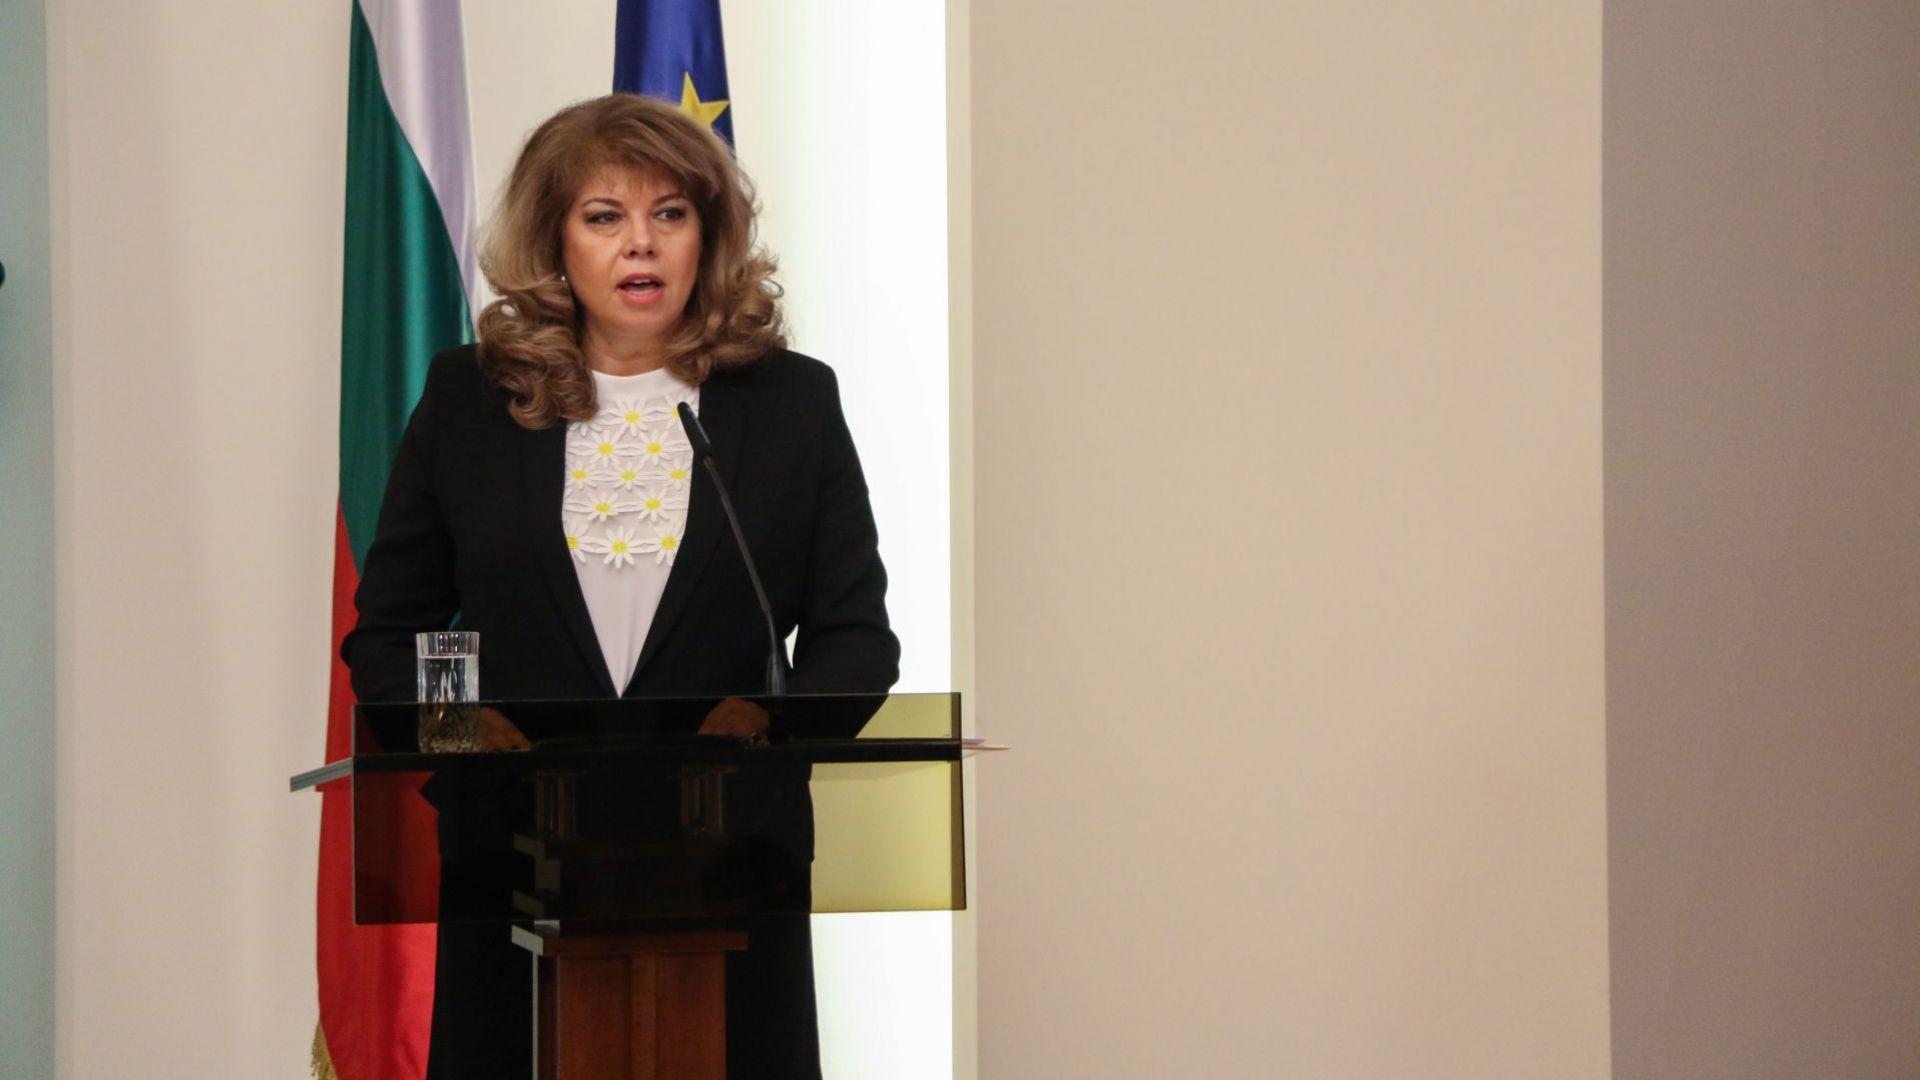 Илияна Йотова предлага културен институт и национална платформа за връзка с българите в чужбина